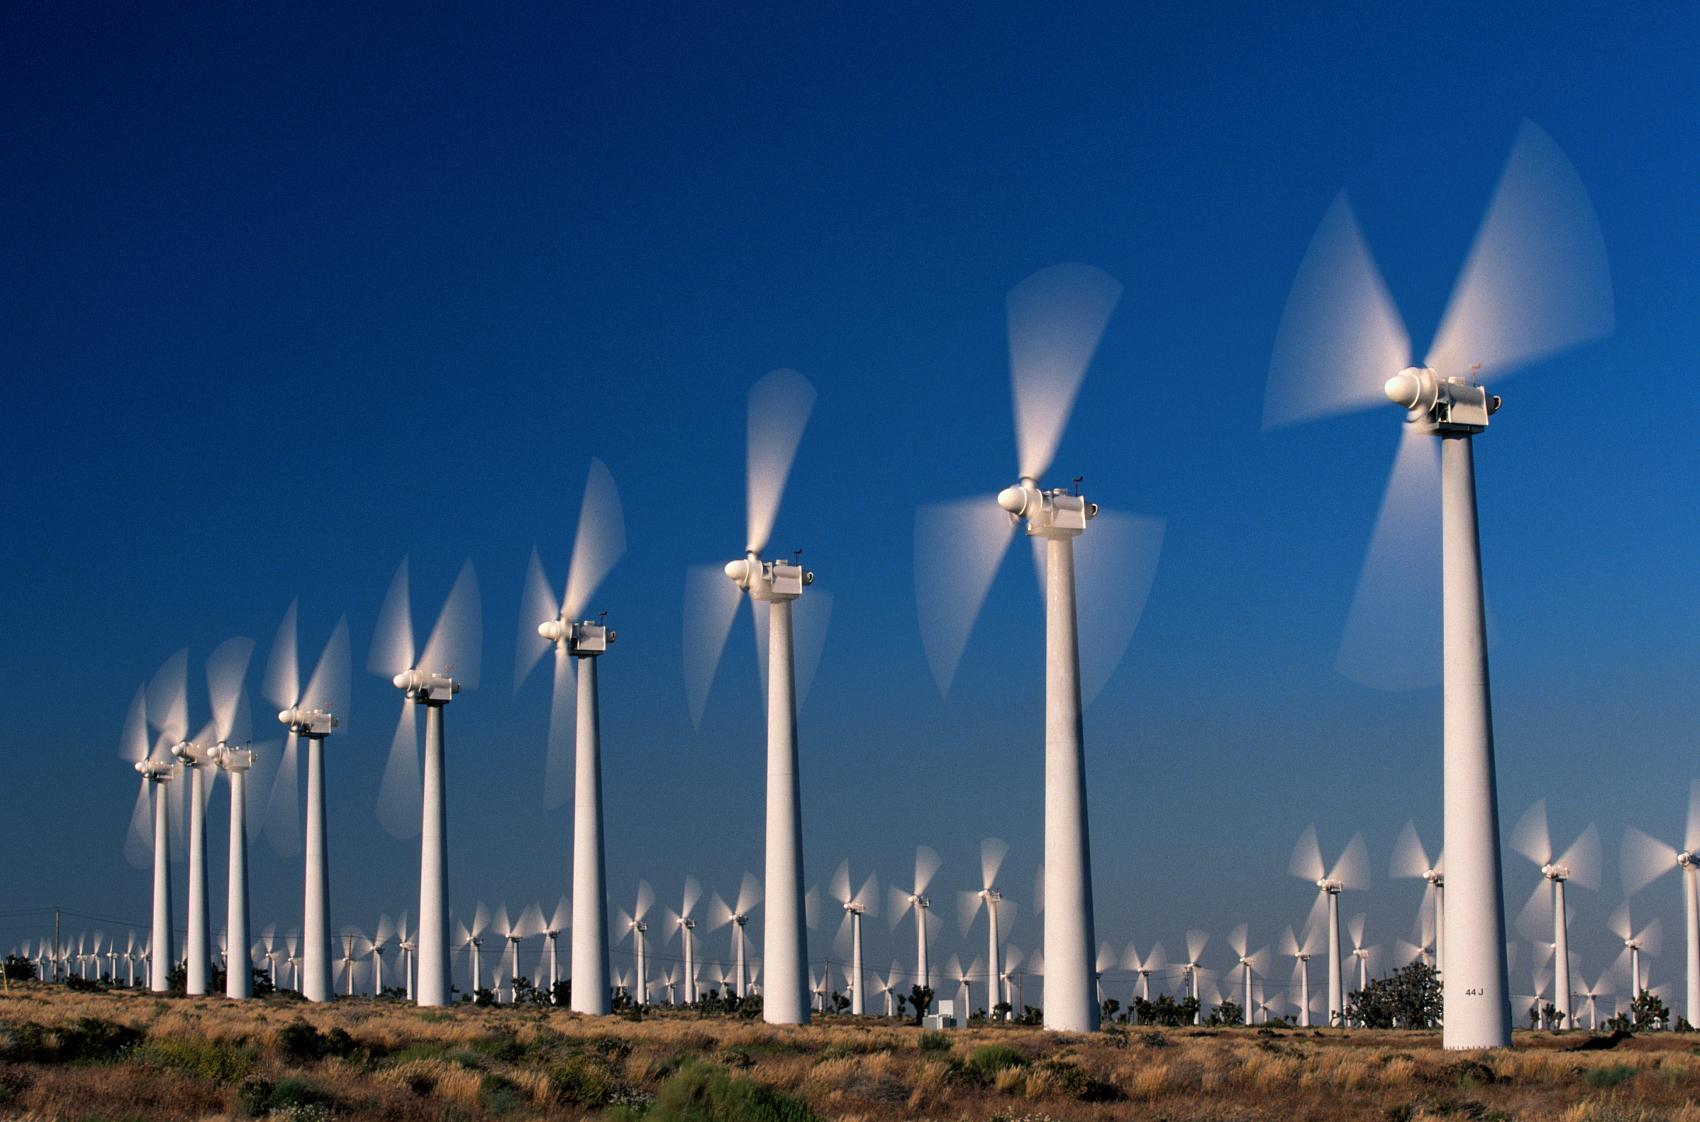 中国科技企业如何为碳中和做出贡献?